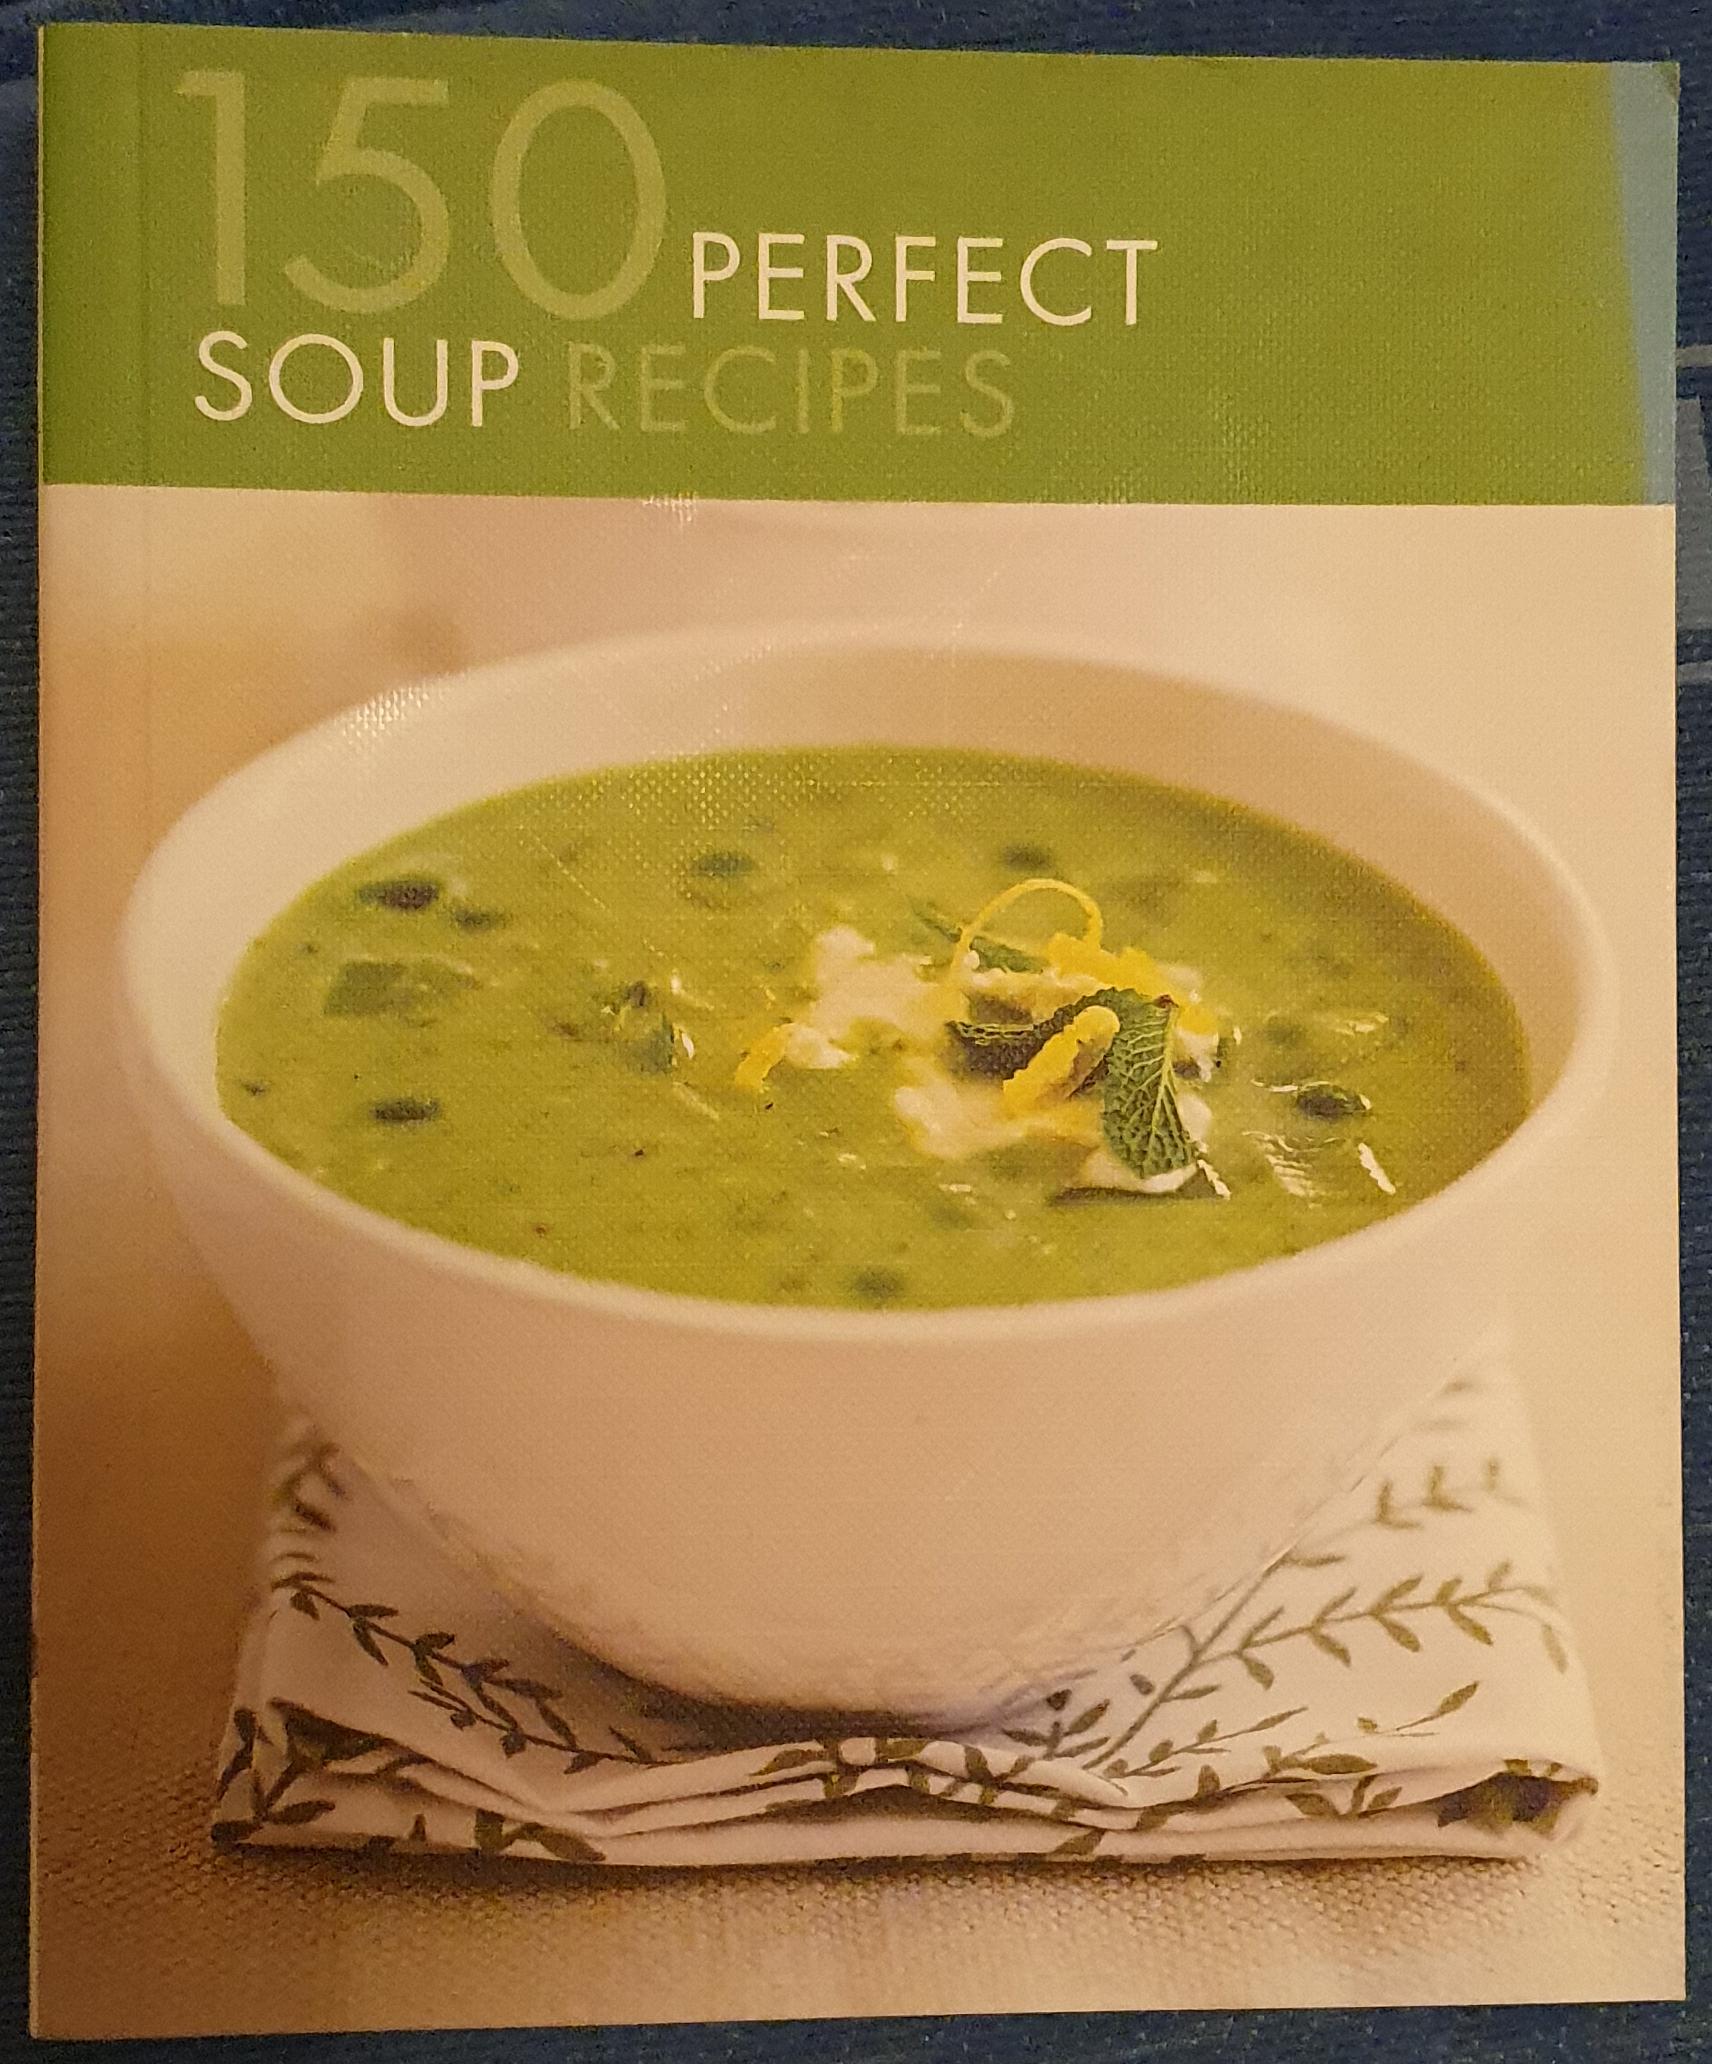 150 Perfect Soup Recipes